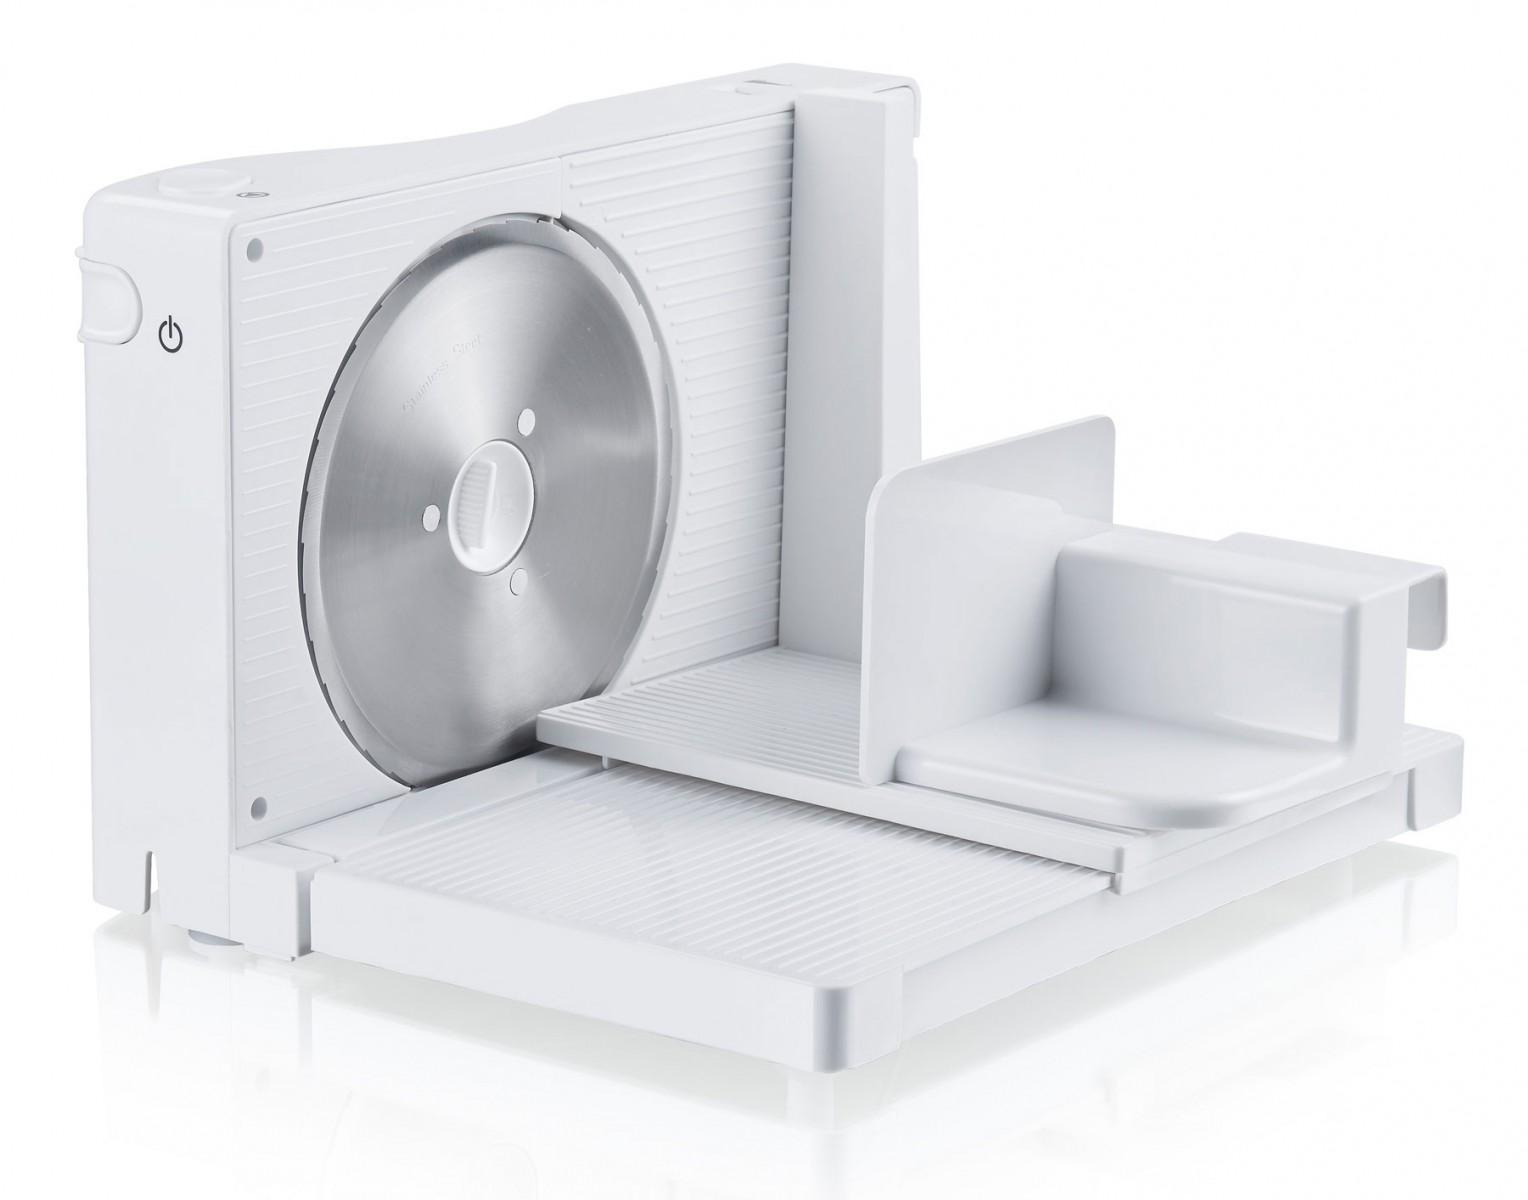 allesschneider brotschneidemaschine wellenschliff messer brotmaschine 100 watt ebay. Black Bedroom Furniture Sets. Home Design Ideas